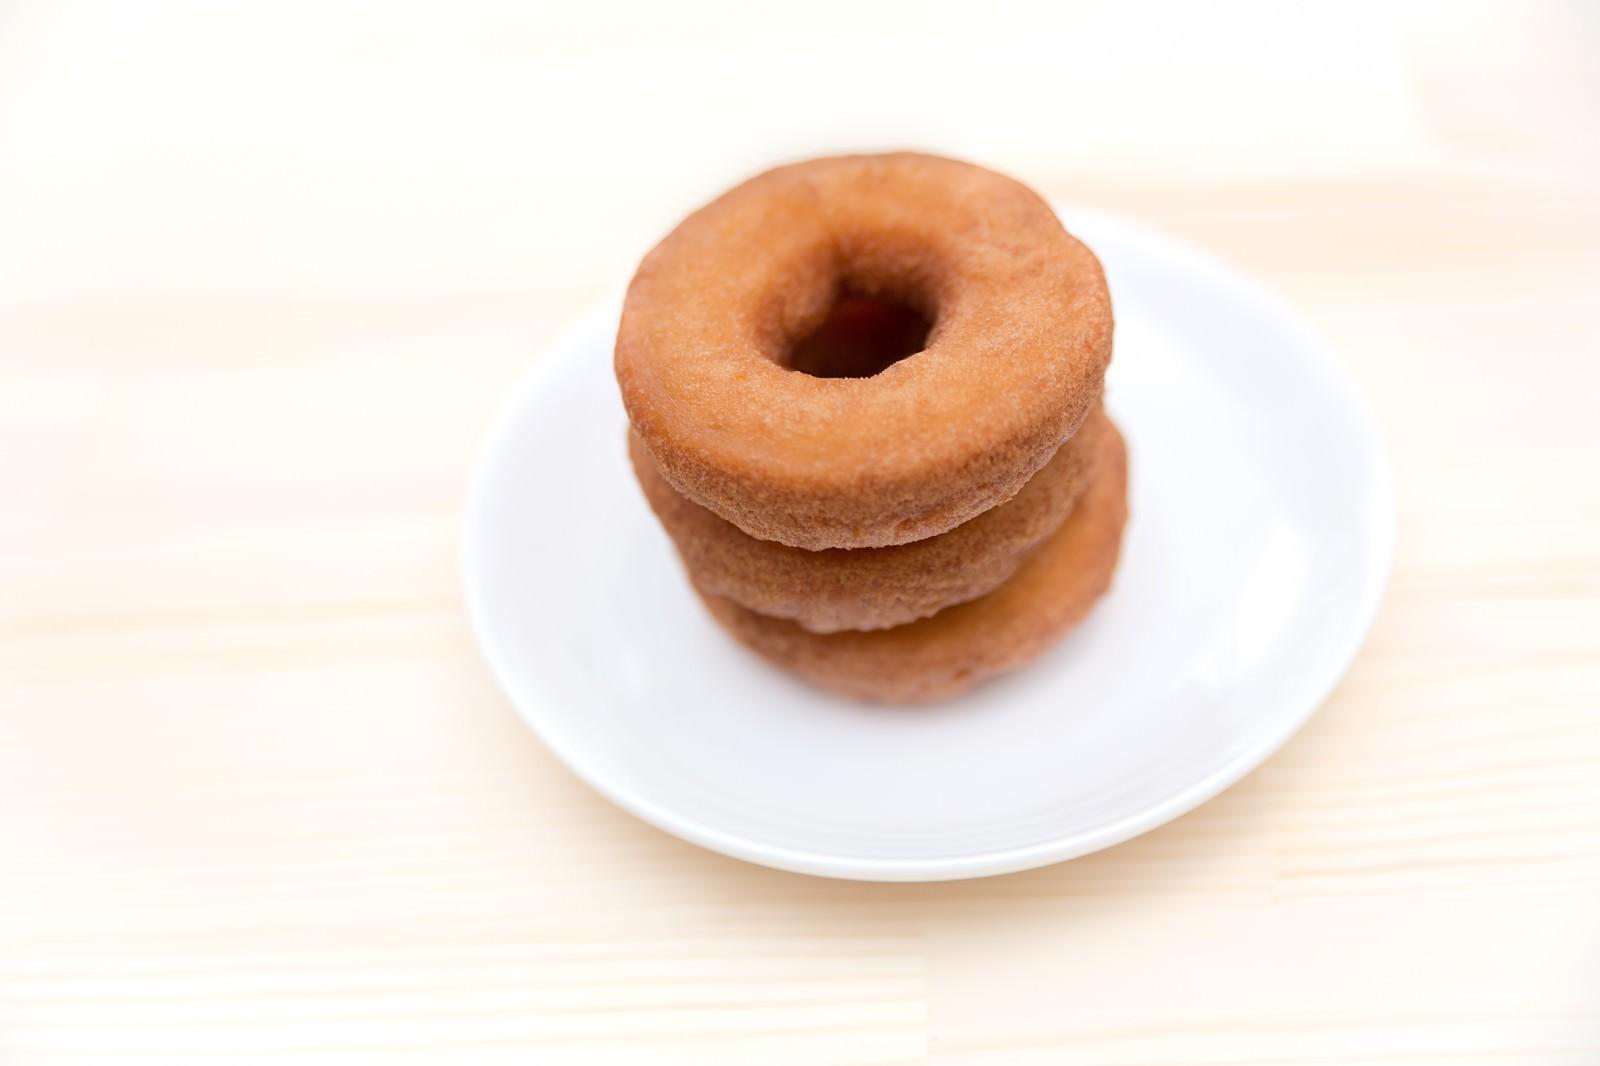 「重ねられたドーナツ」の写真